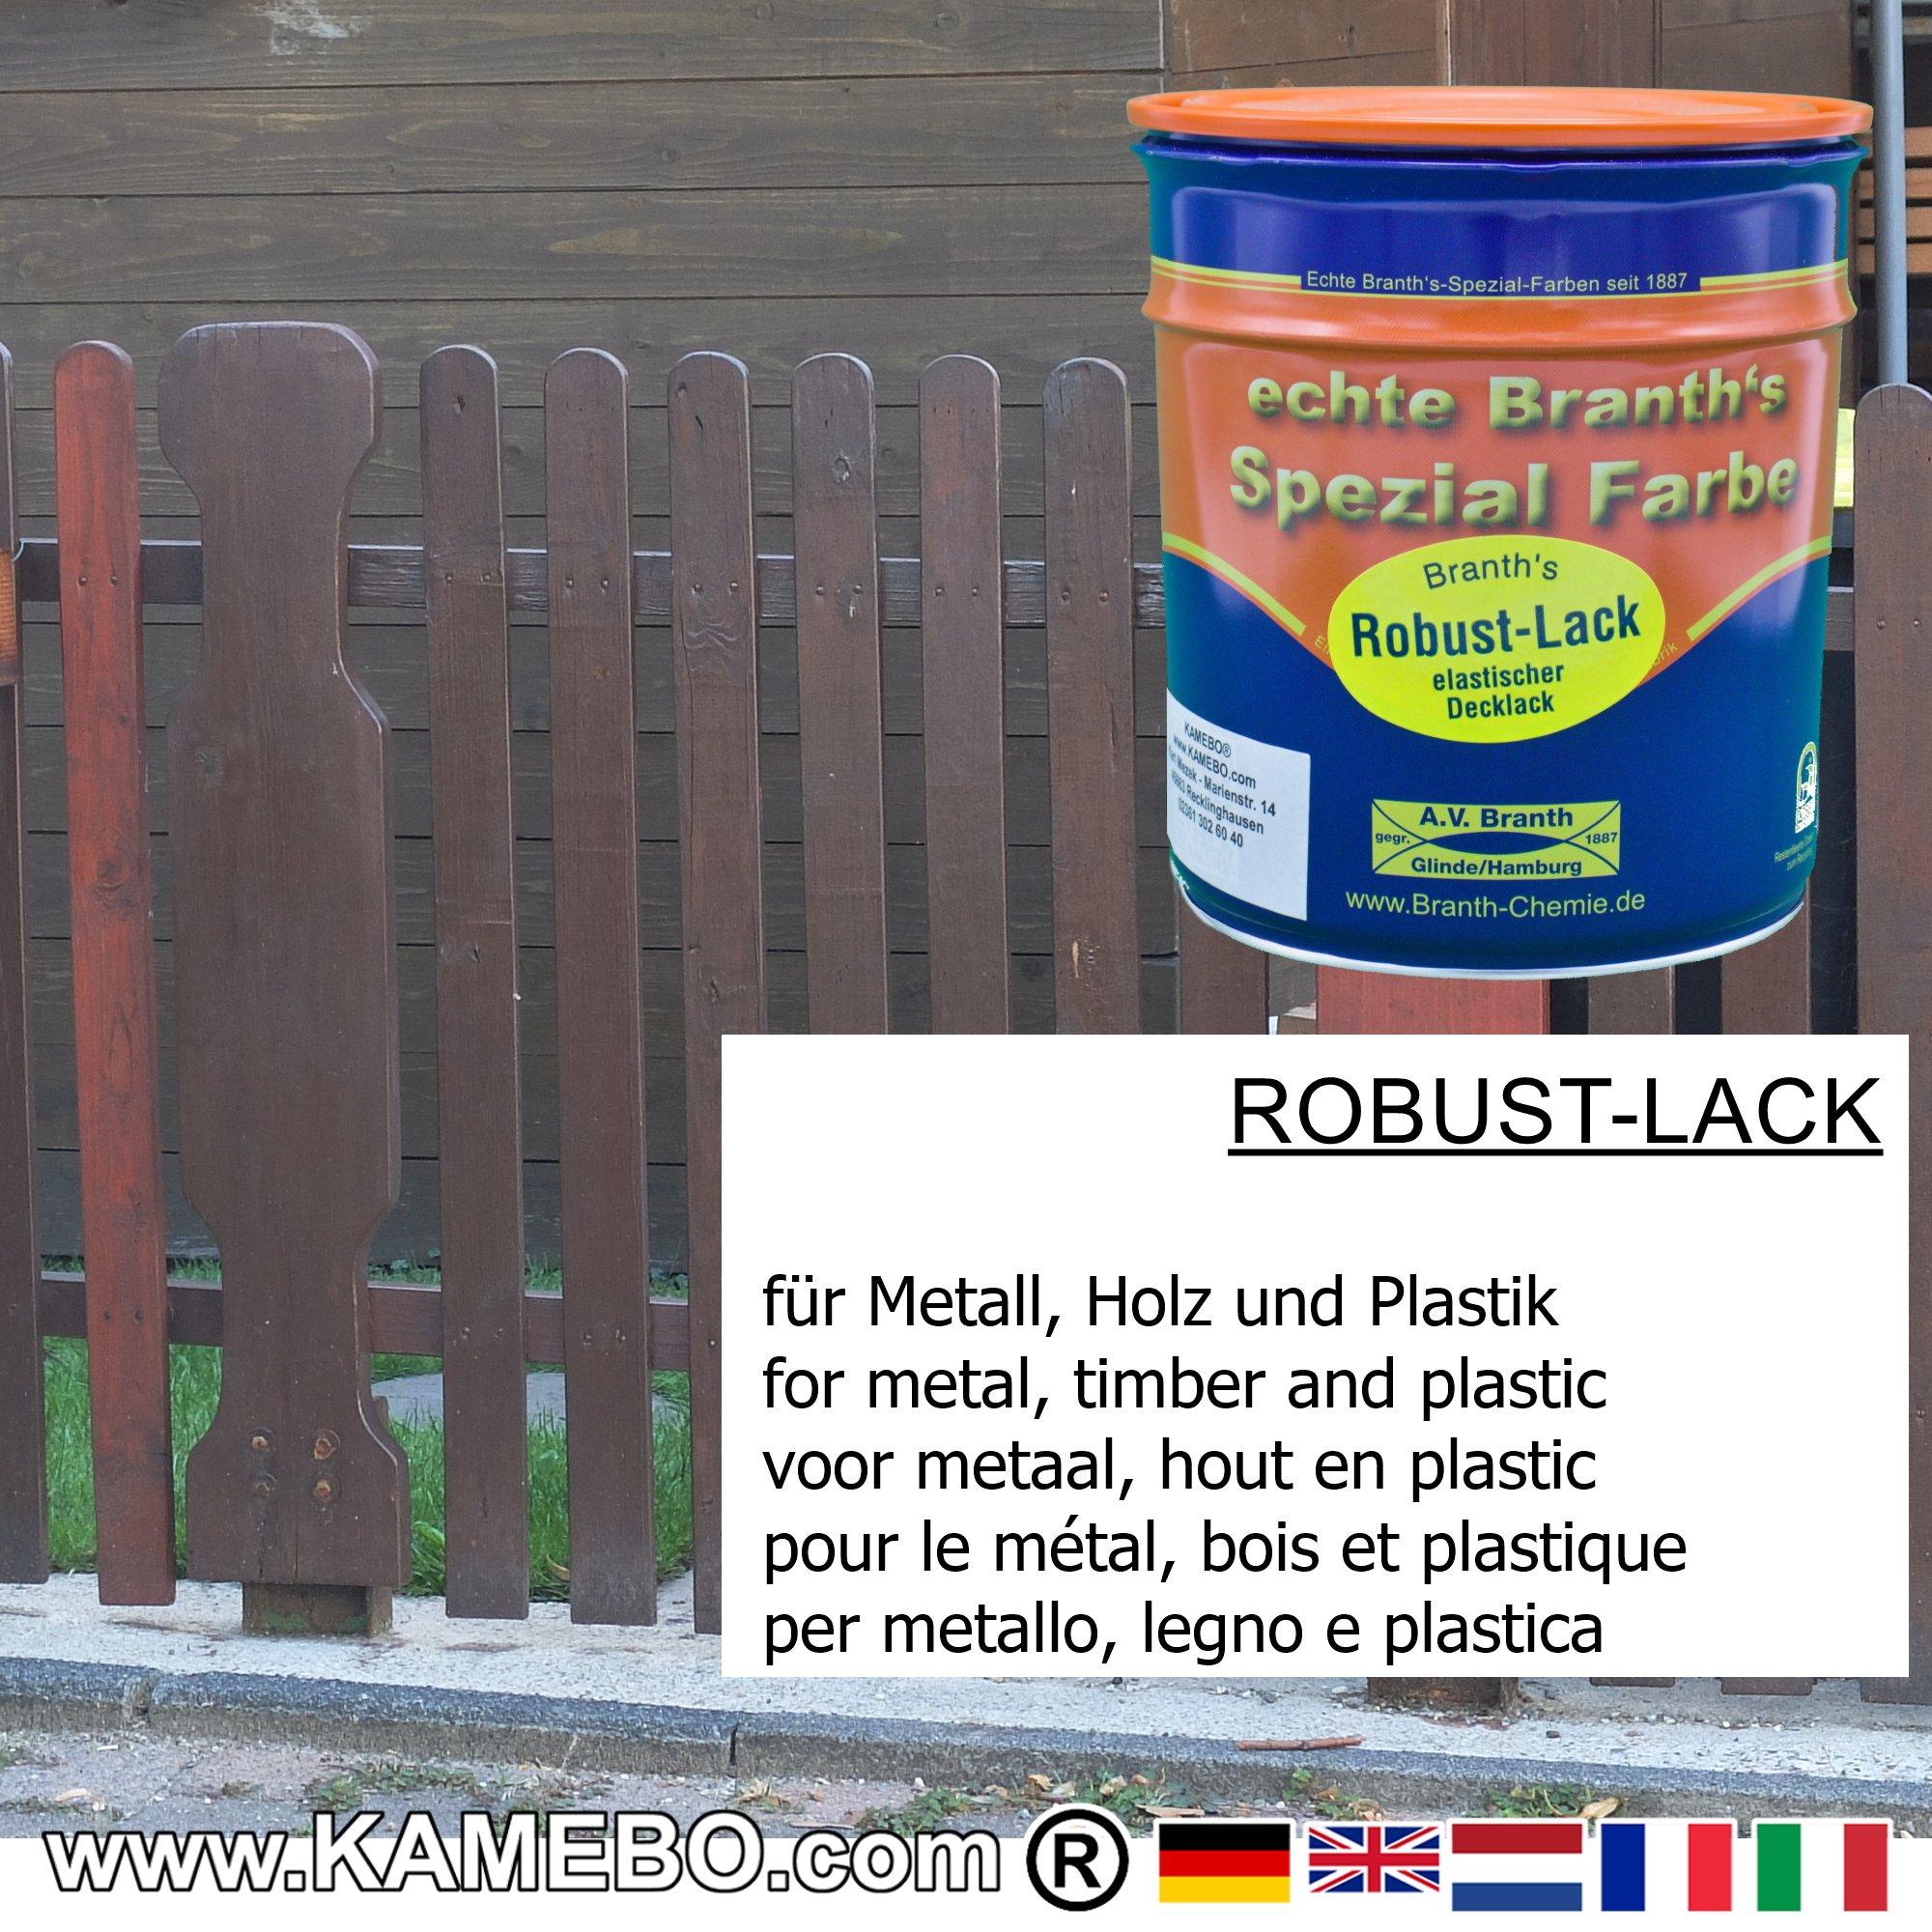 Pittura Resistente Ai Graffi branth's robust lack vernice brillante per metallo ral 8016